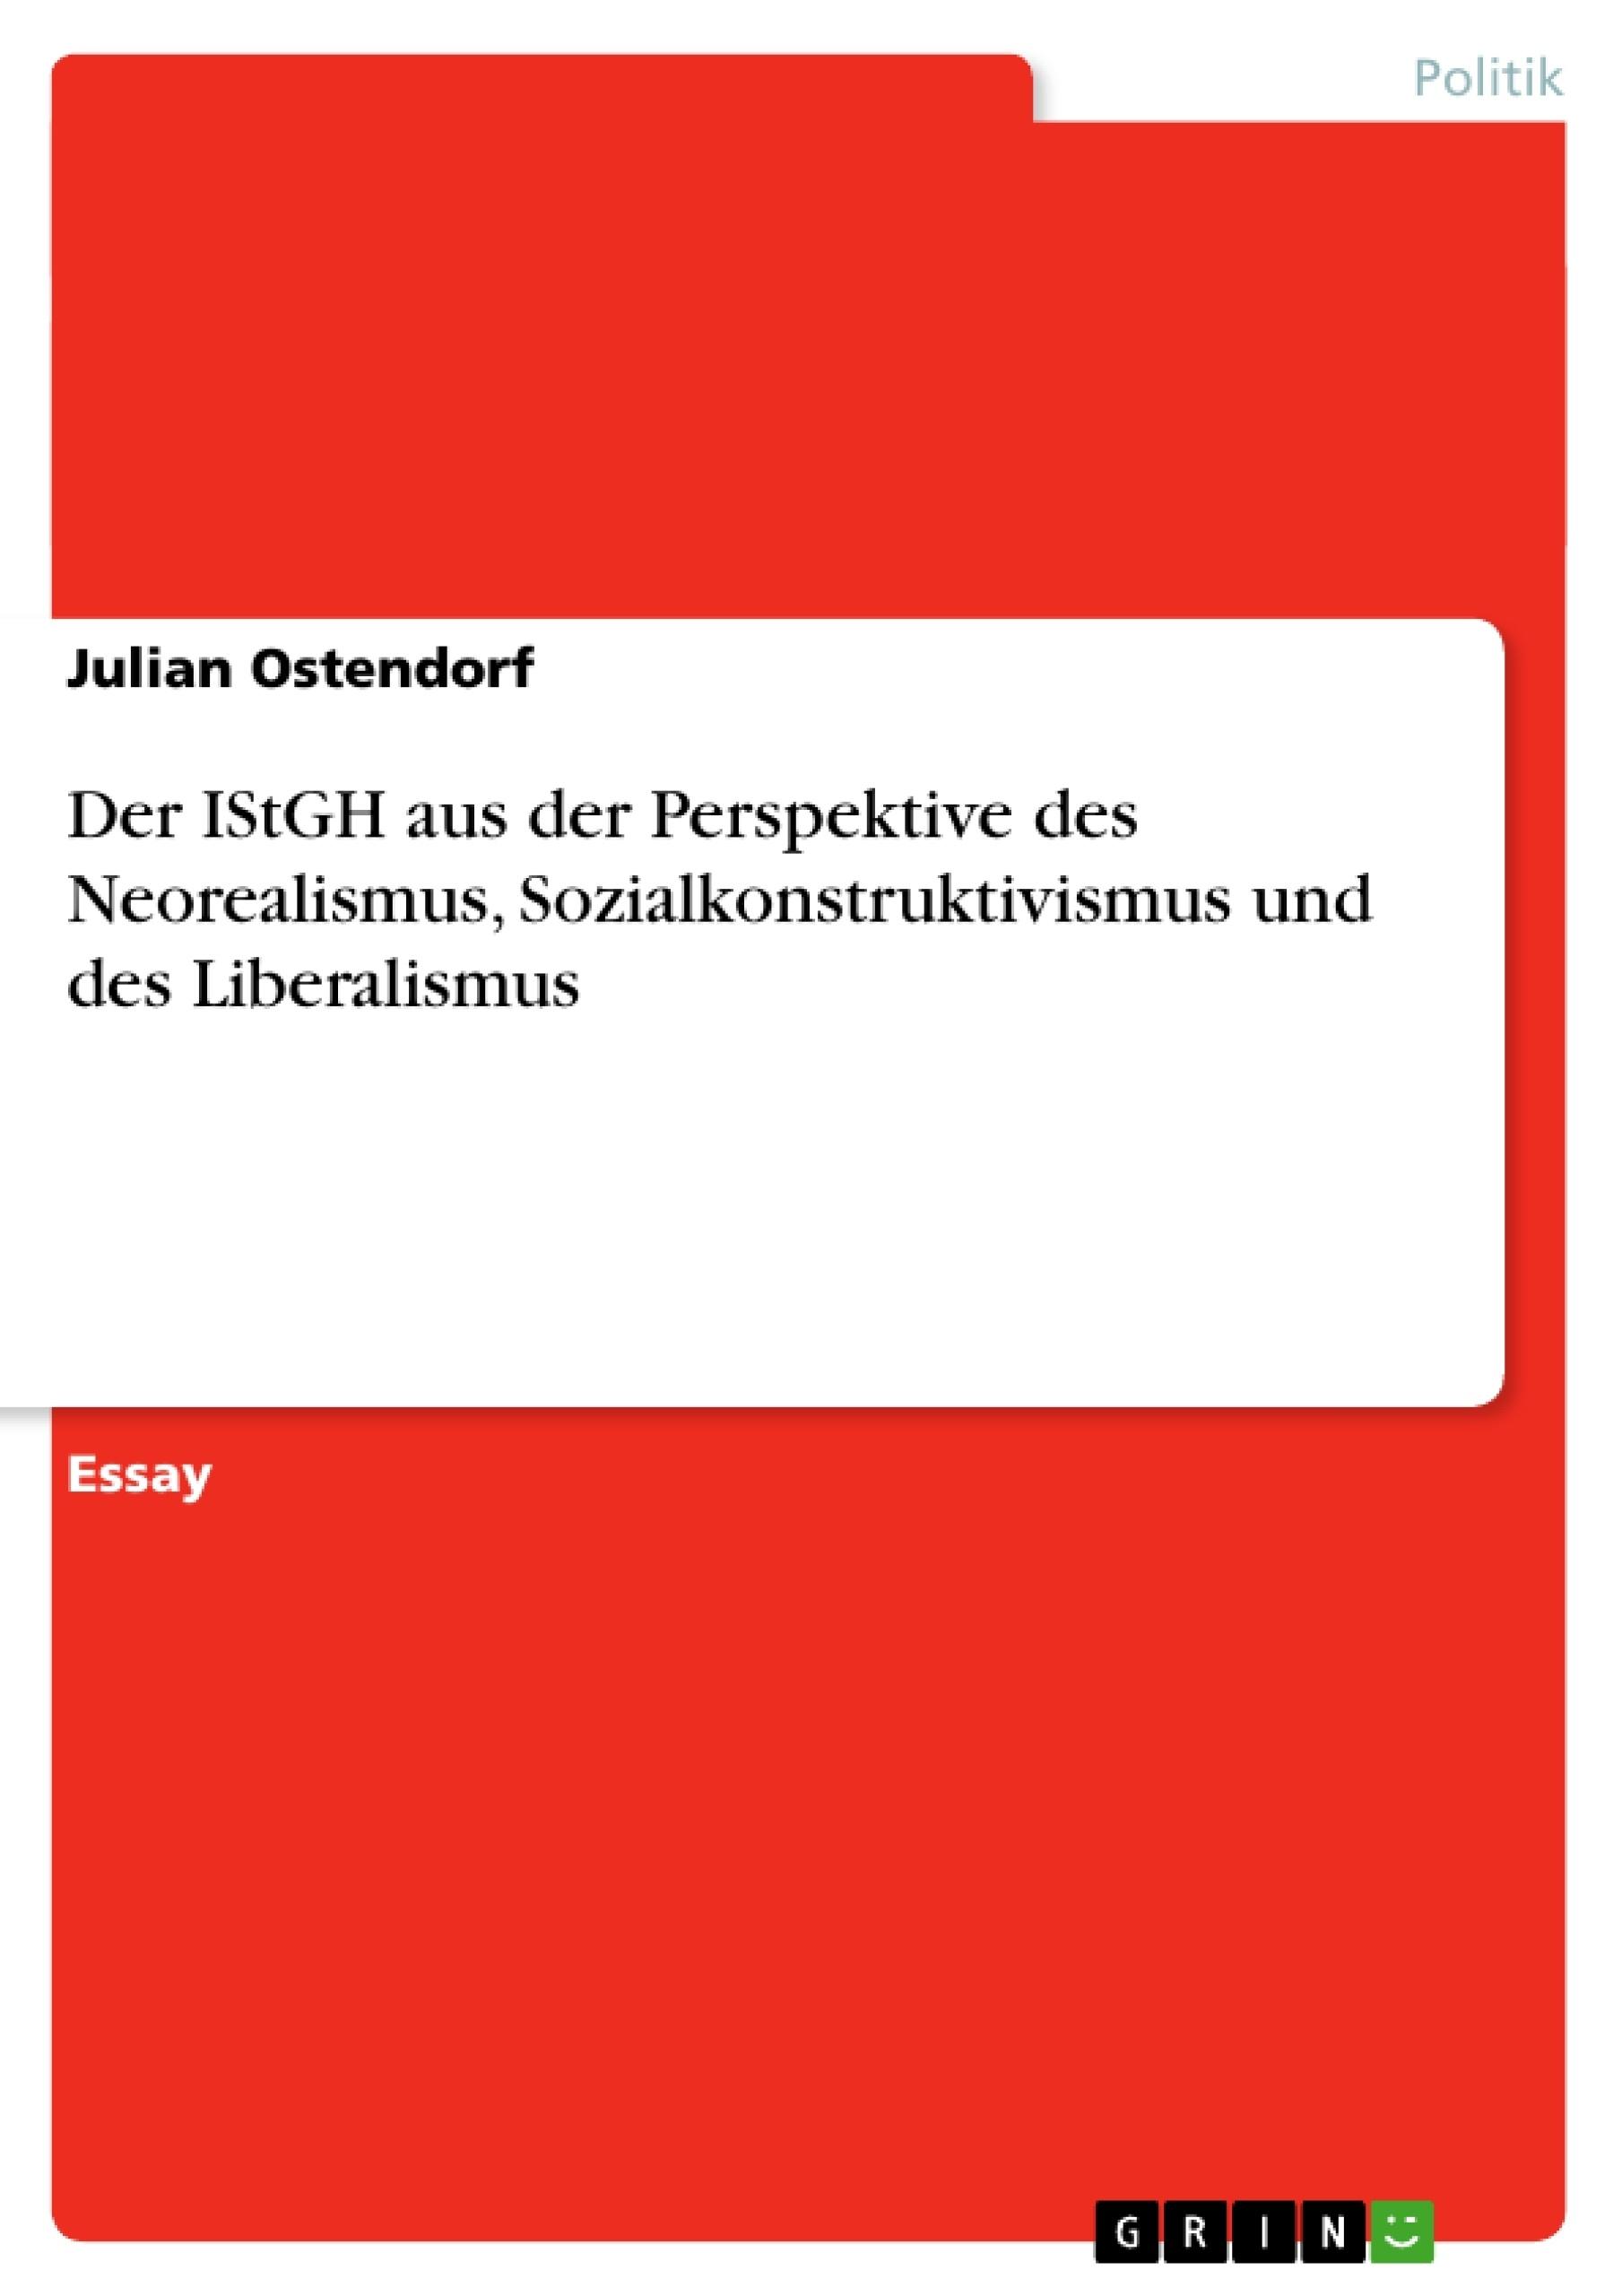 Titel: Der IStGH aus der Perspektive des Neorealismus, Sozialkonstruktivismus und des Liberalismus